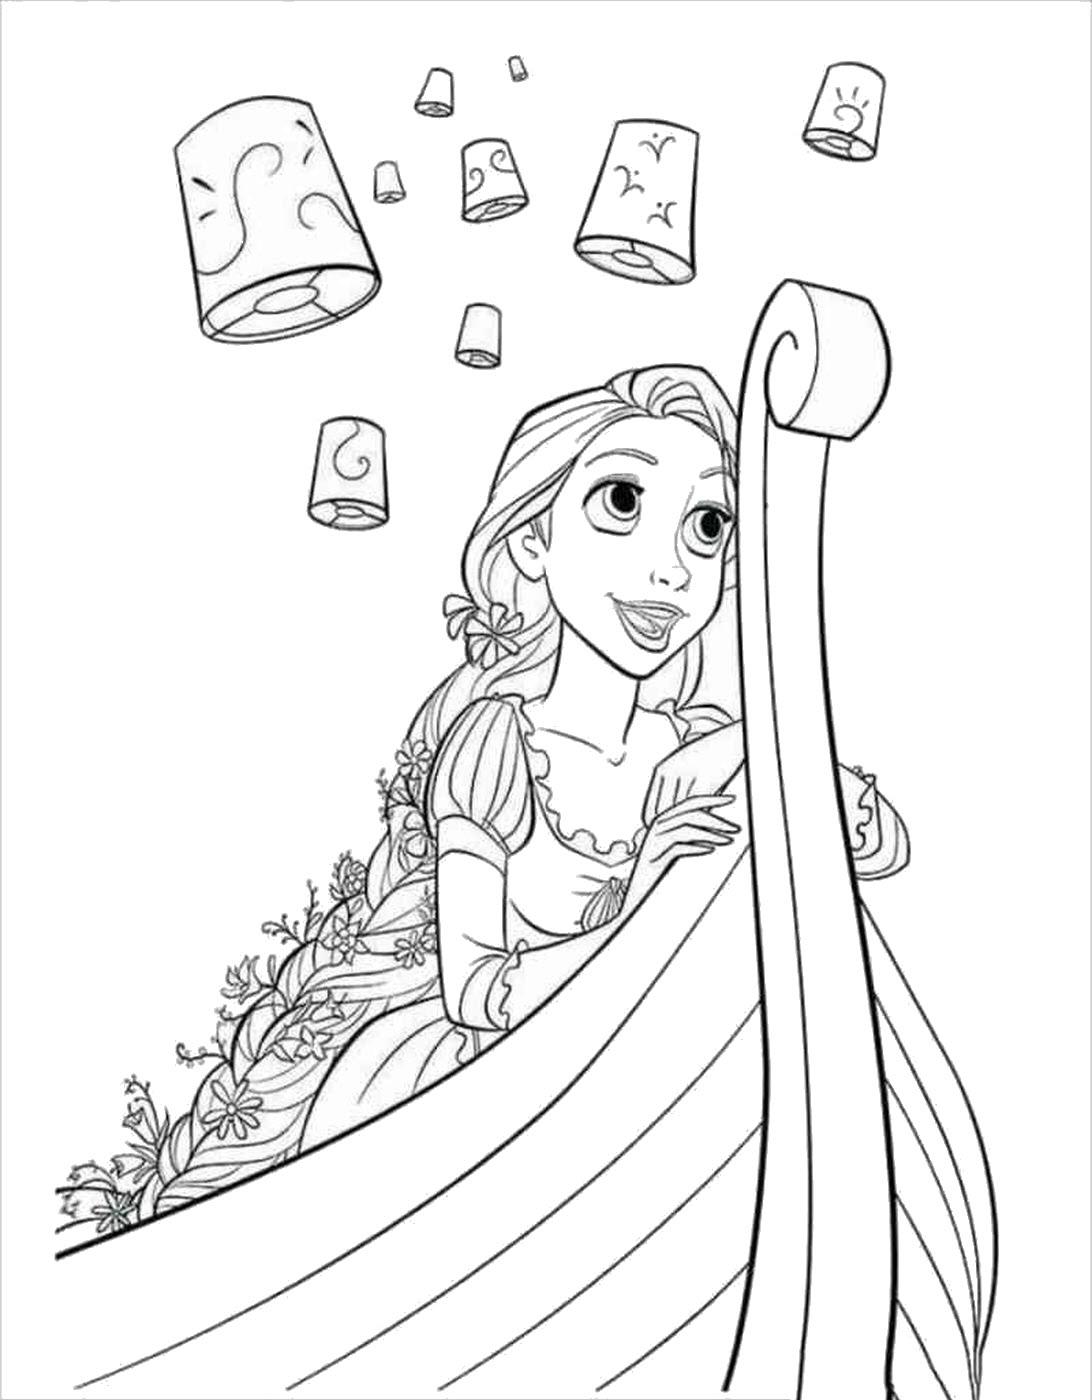 Tranh tô màu công chúa tóc mây đi thuyền